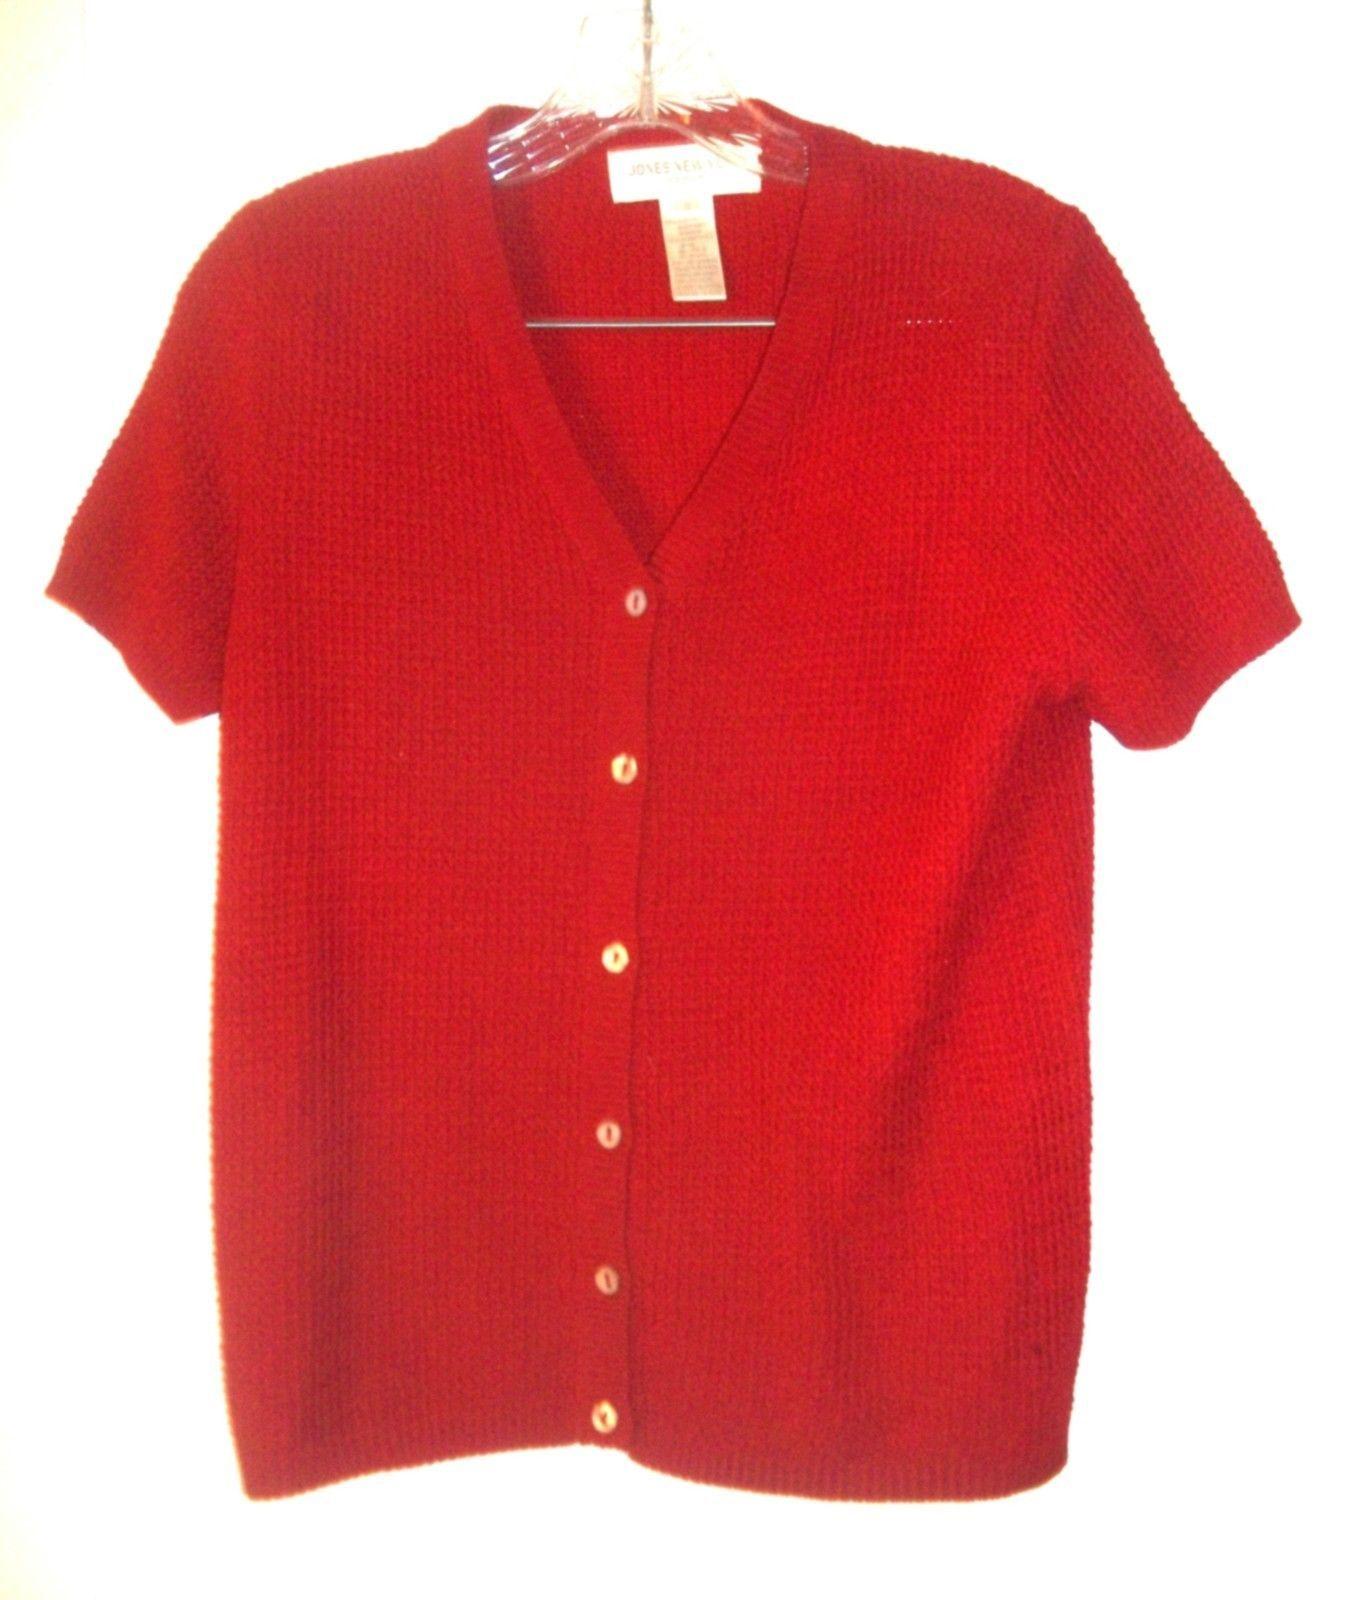 Size S - Jones NY Sport Red Textured Acrylic & Nylon Short Sleeve Sweater  - $23.74